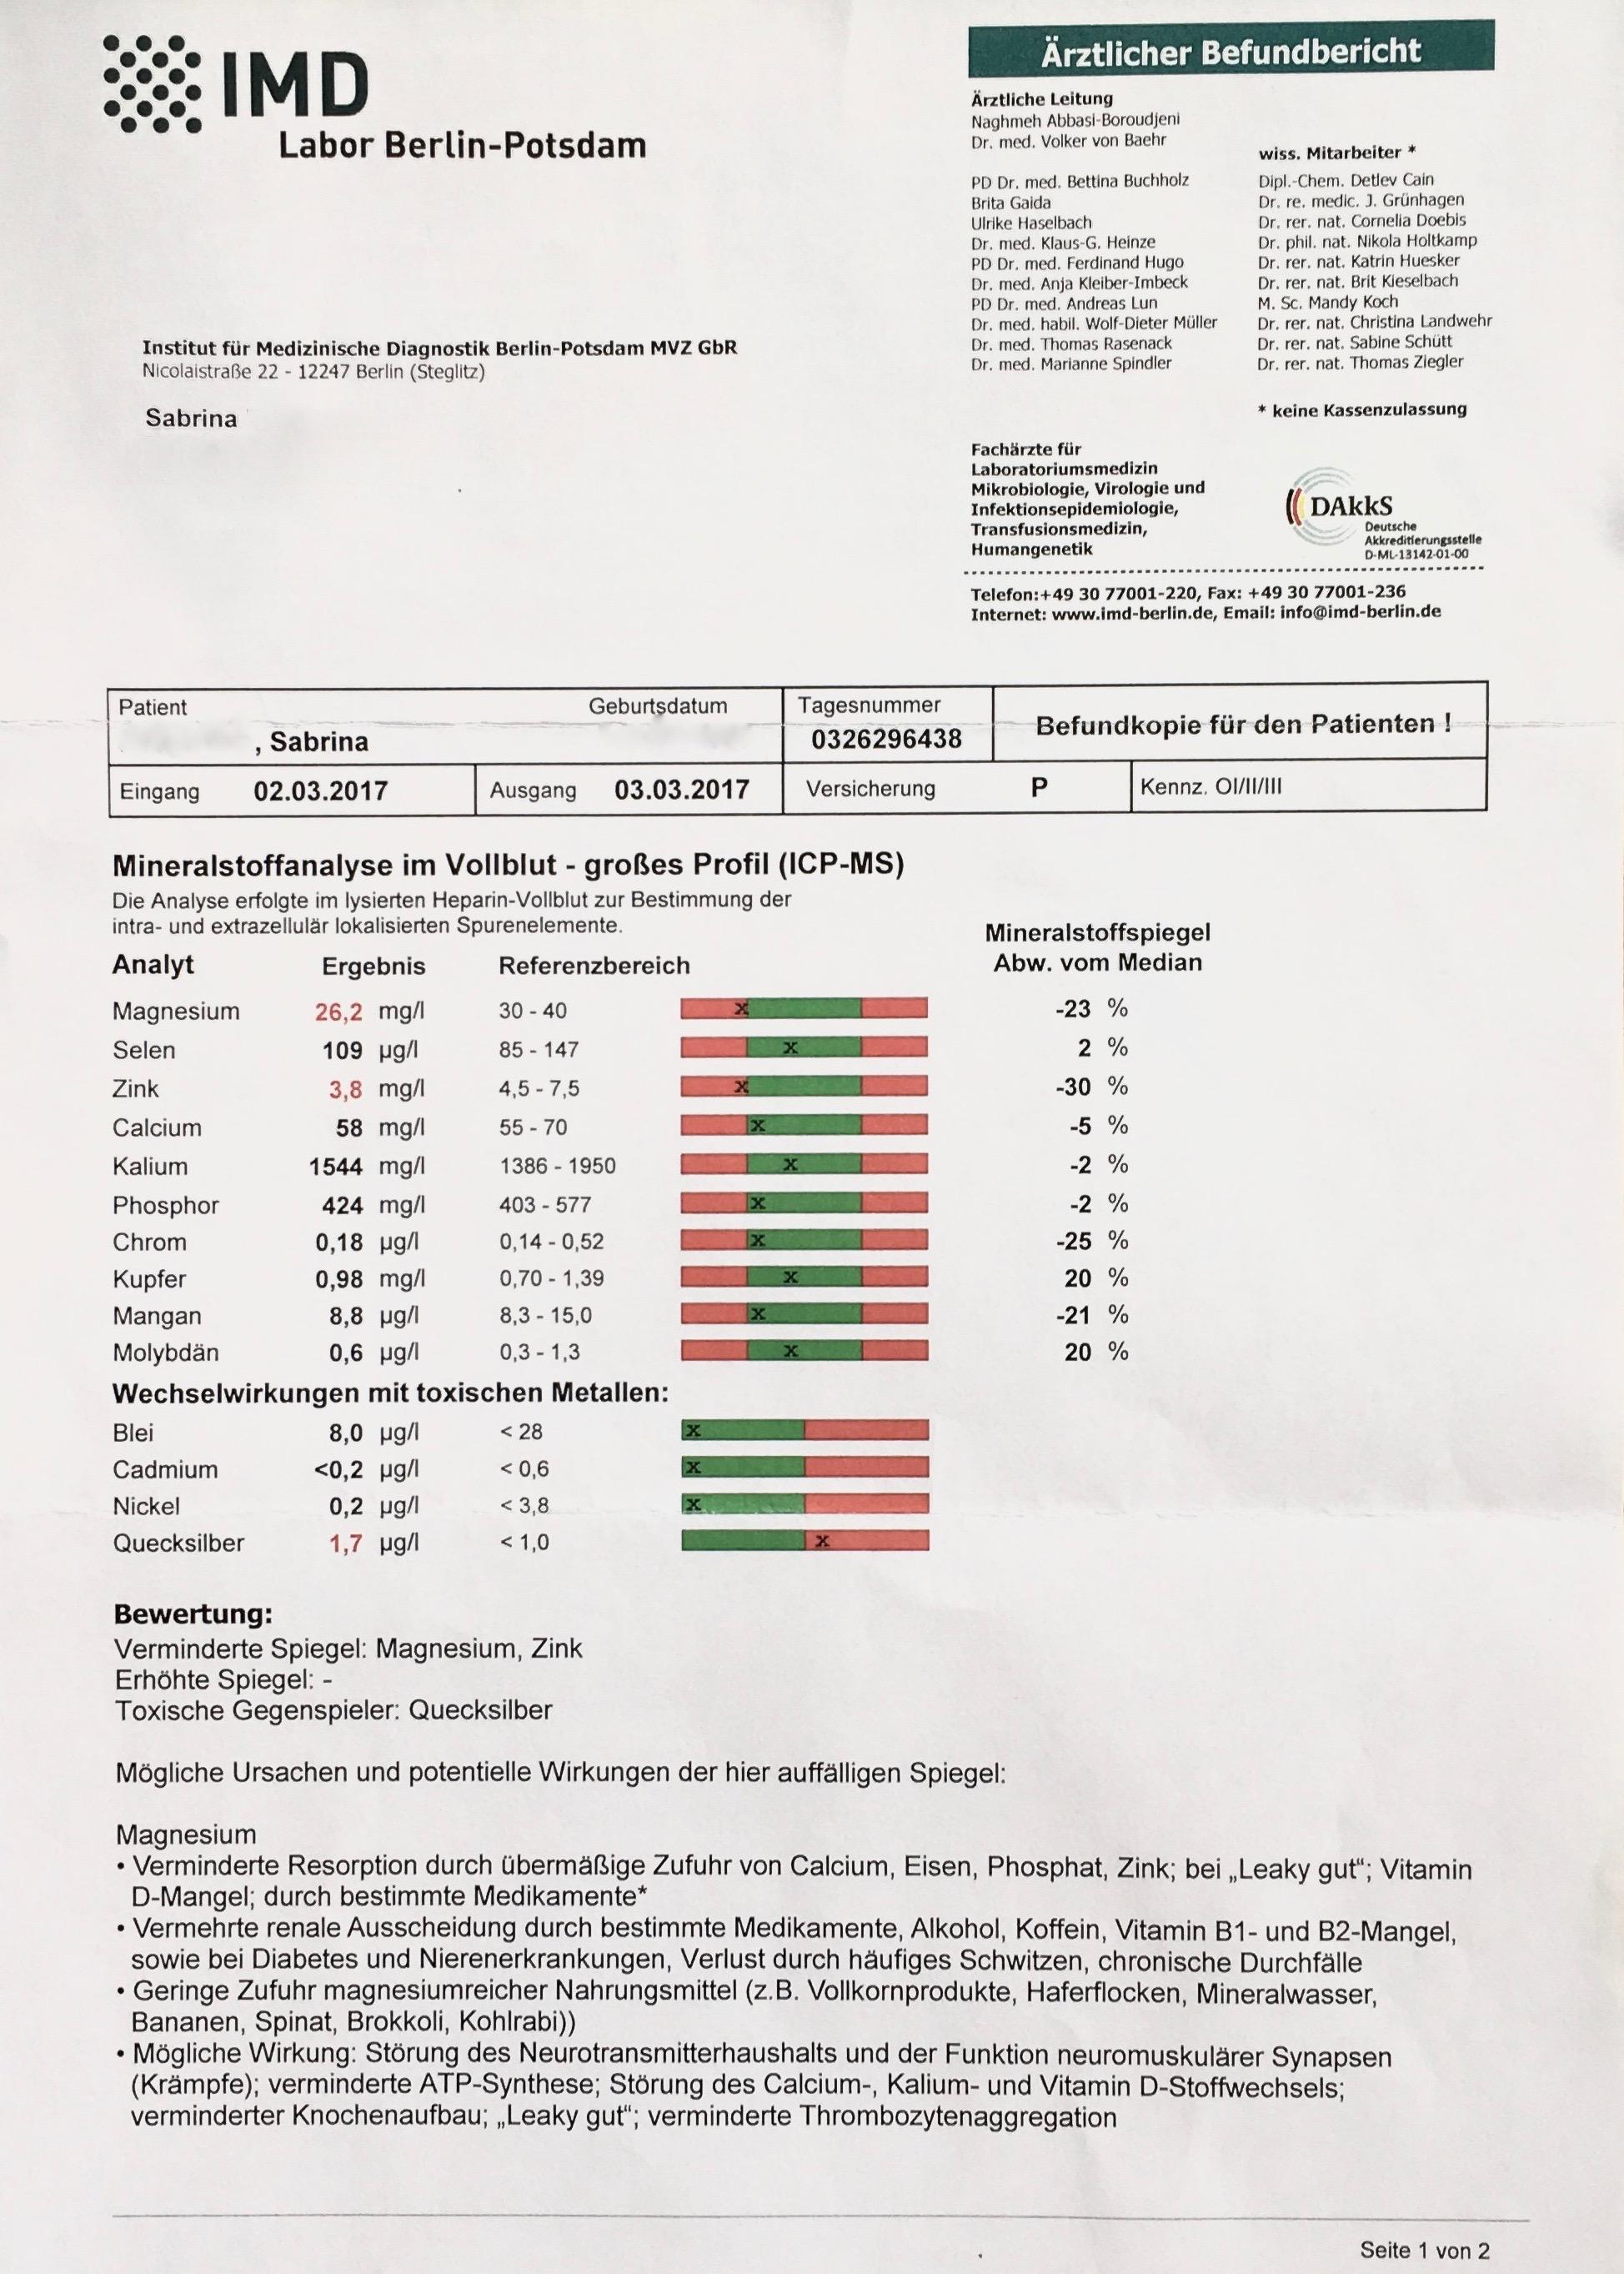 Mein Mineralstoffprofil vor dem Start des Autoimmunprotokoll (AIP).